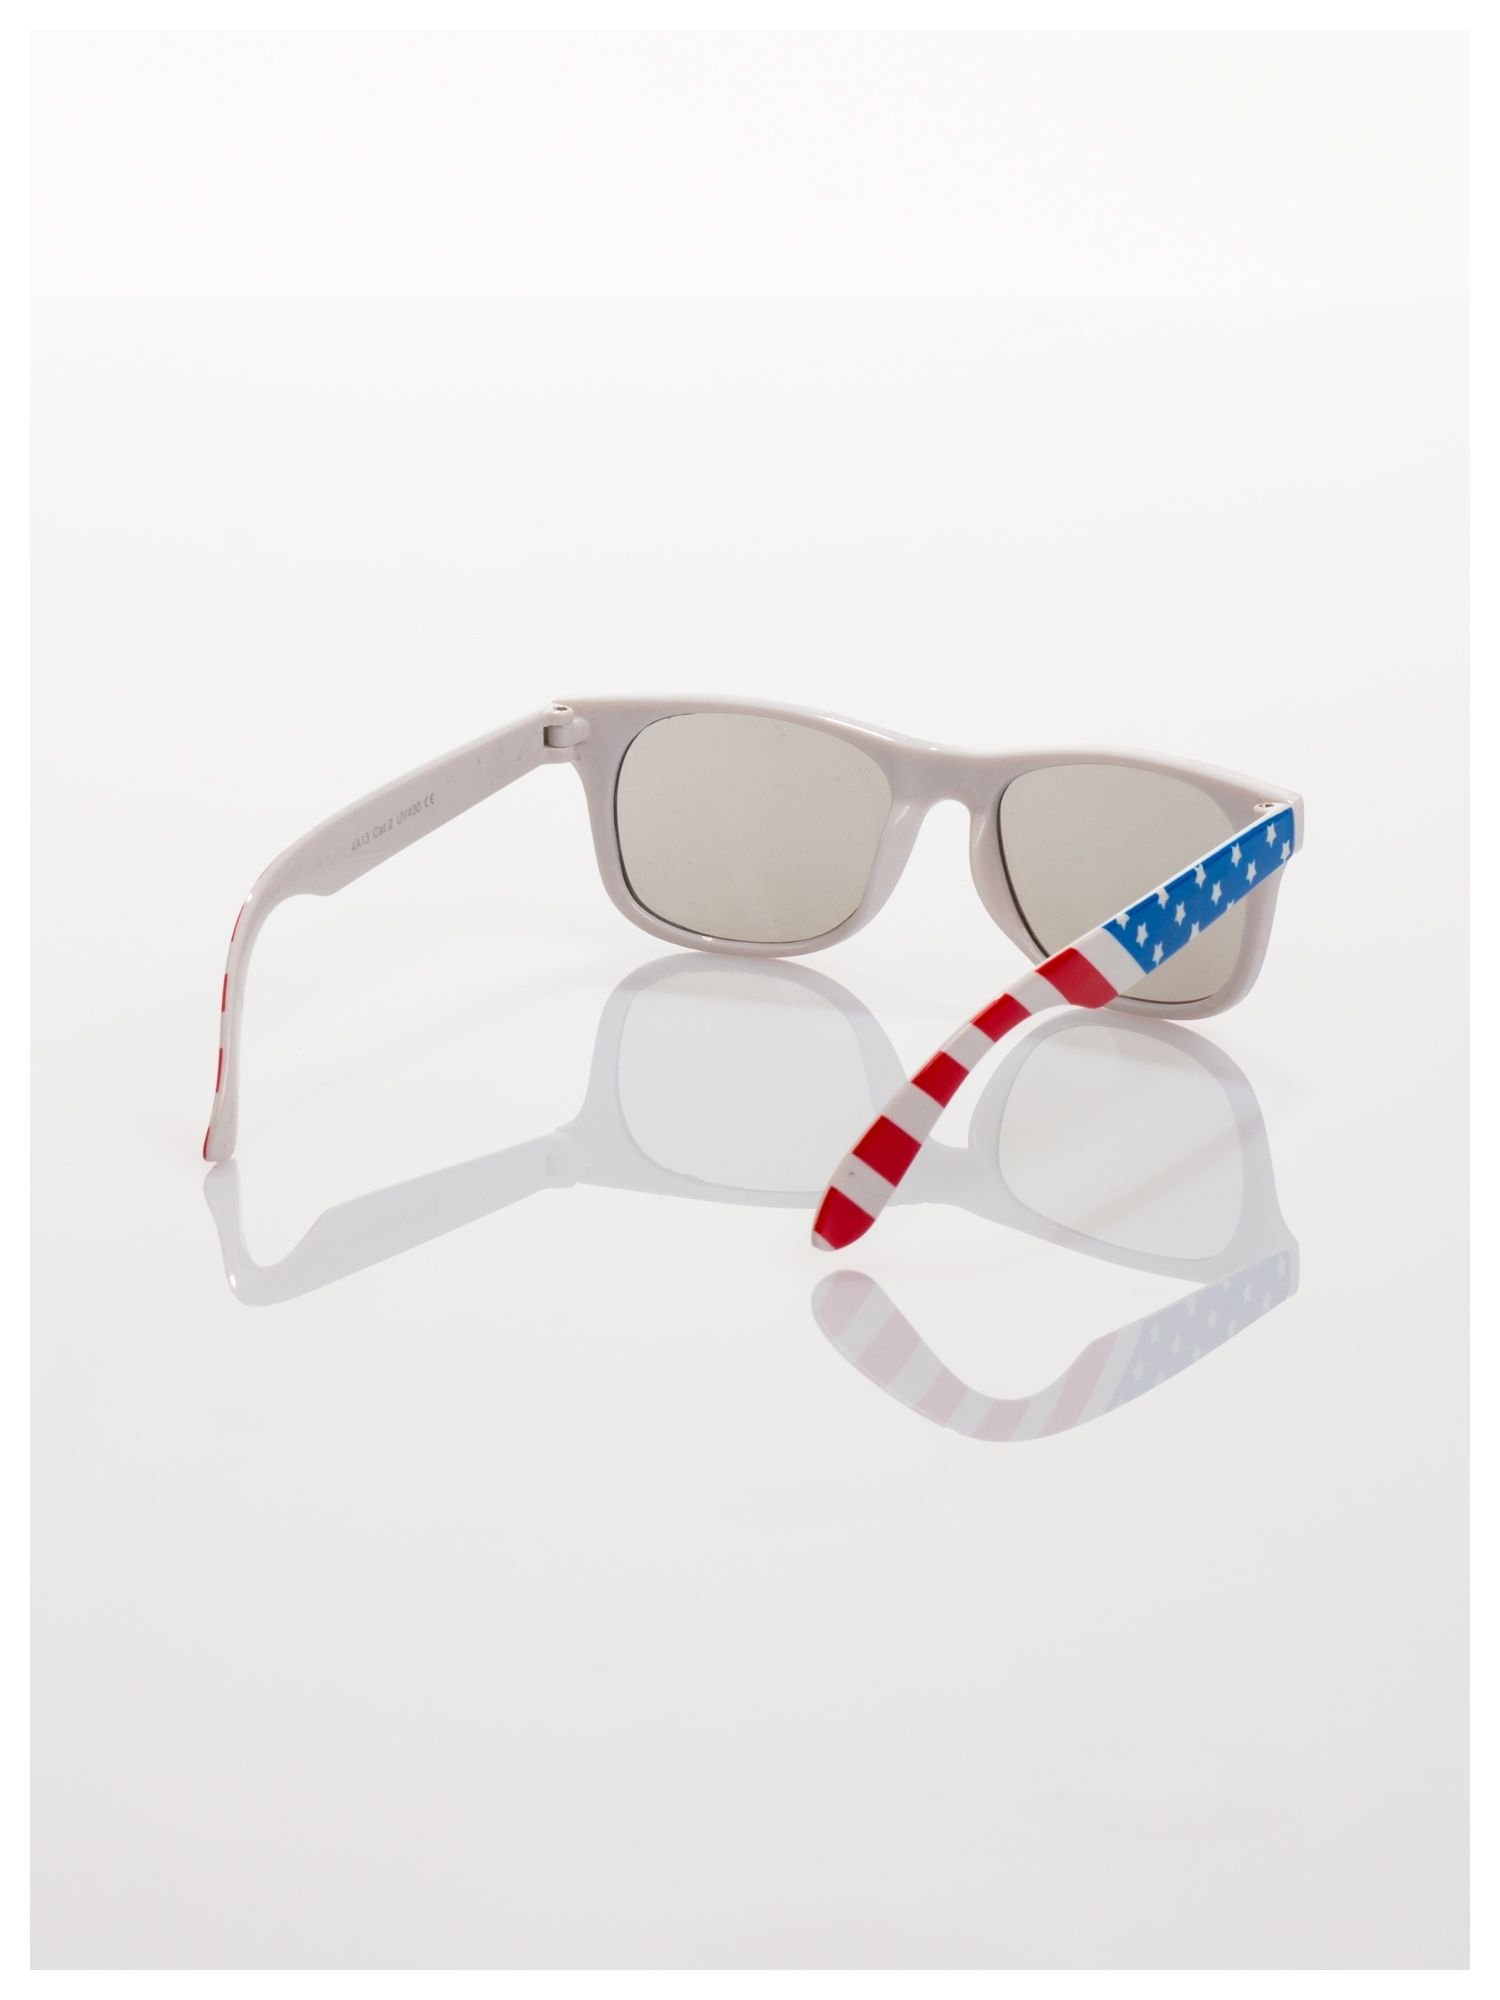 Dziecięce okulary z klasyczną oprawką WAYFARER NERD z filtrami odporne na wyginania                                  zdj.                                  3